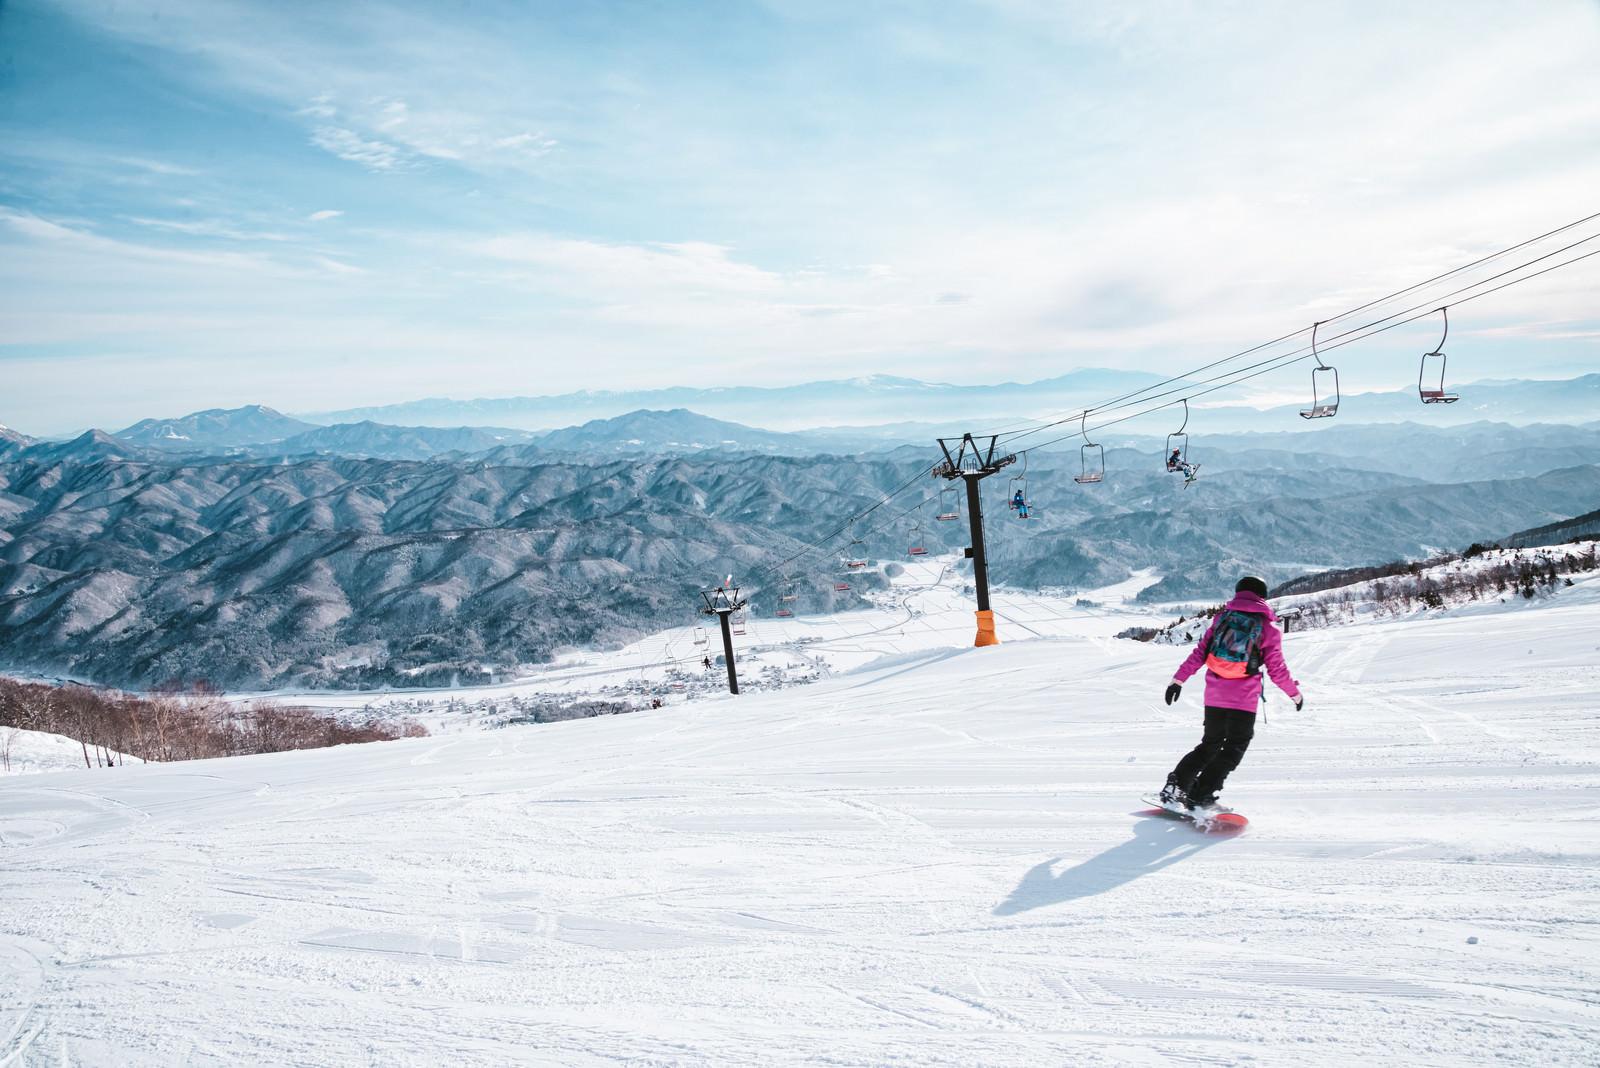 「ゲレンデを滑るスノーボーダーとリフト」の写真